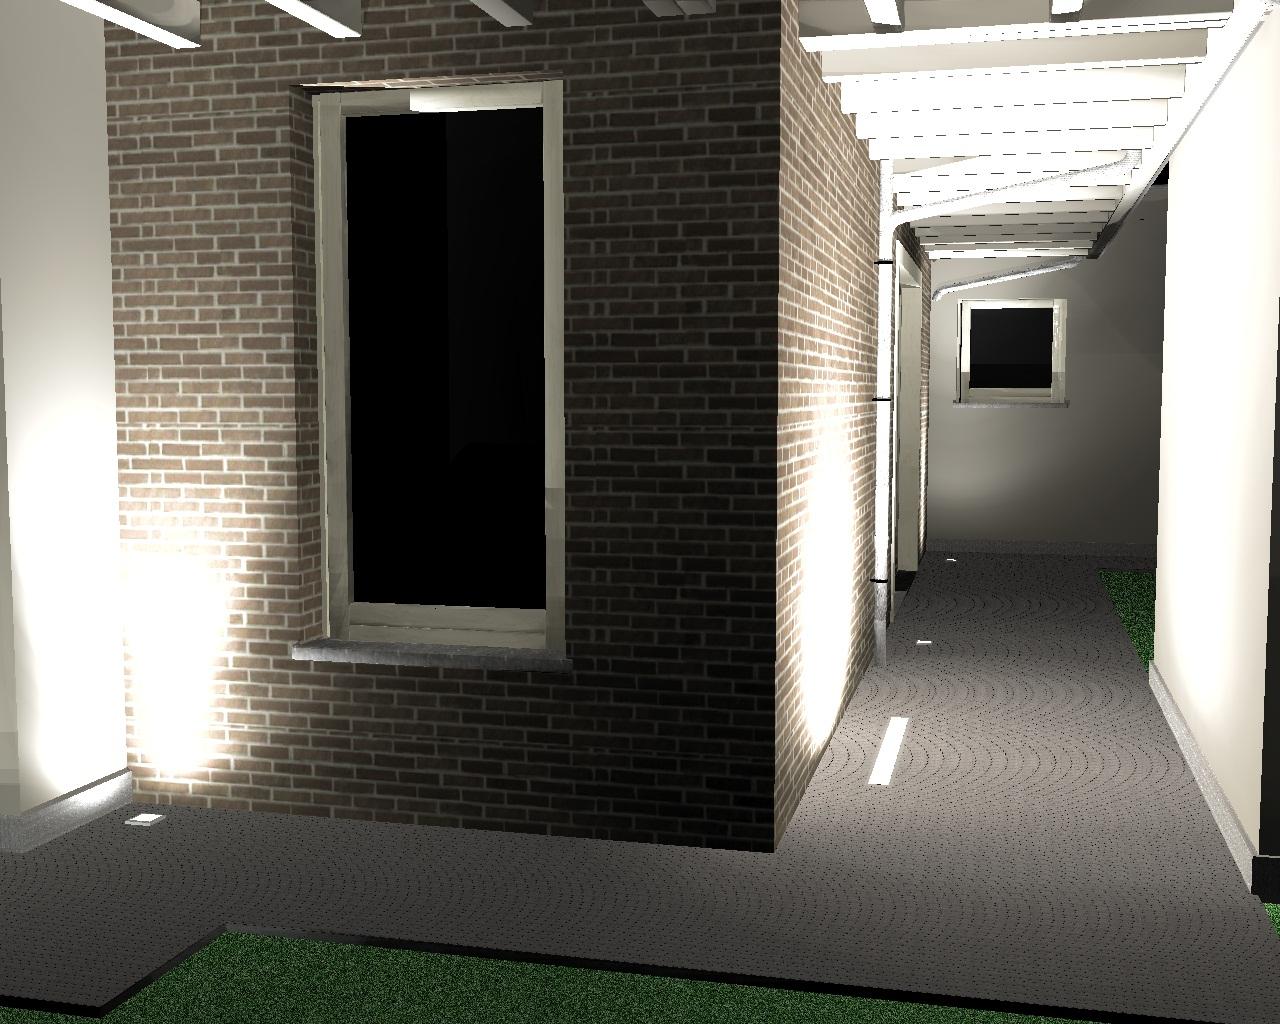 Illuminazione Ingresso Casa : La luce giusta che deve stare accesa tutta la notte elettro